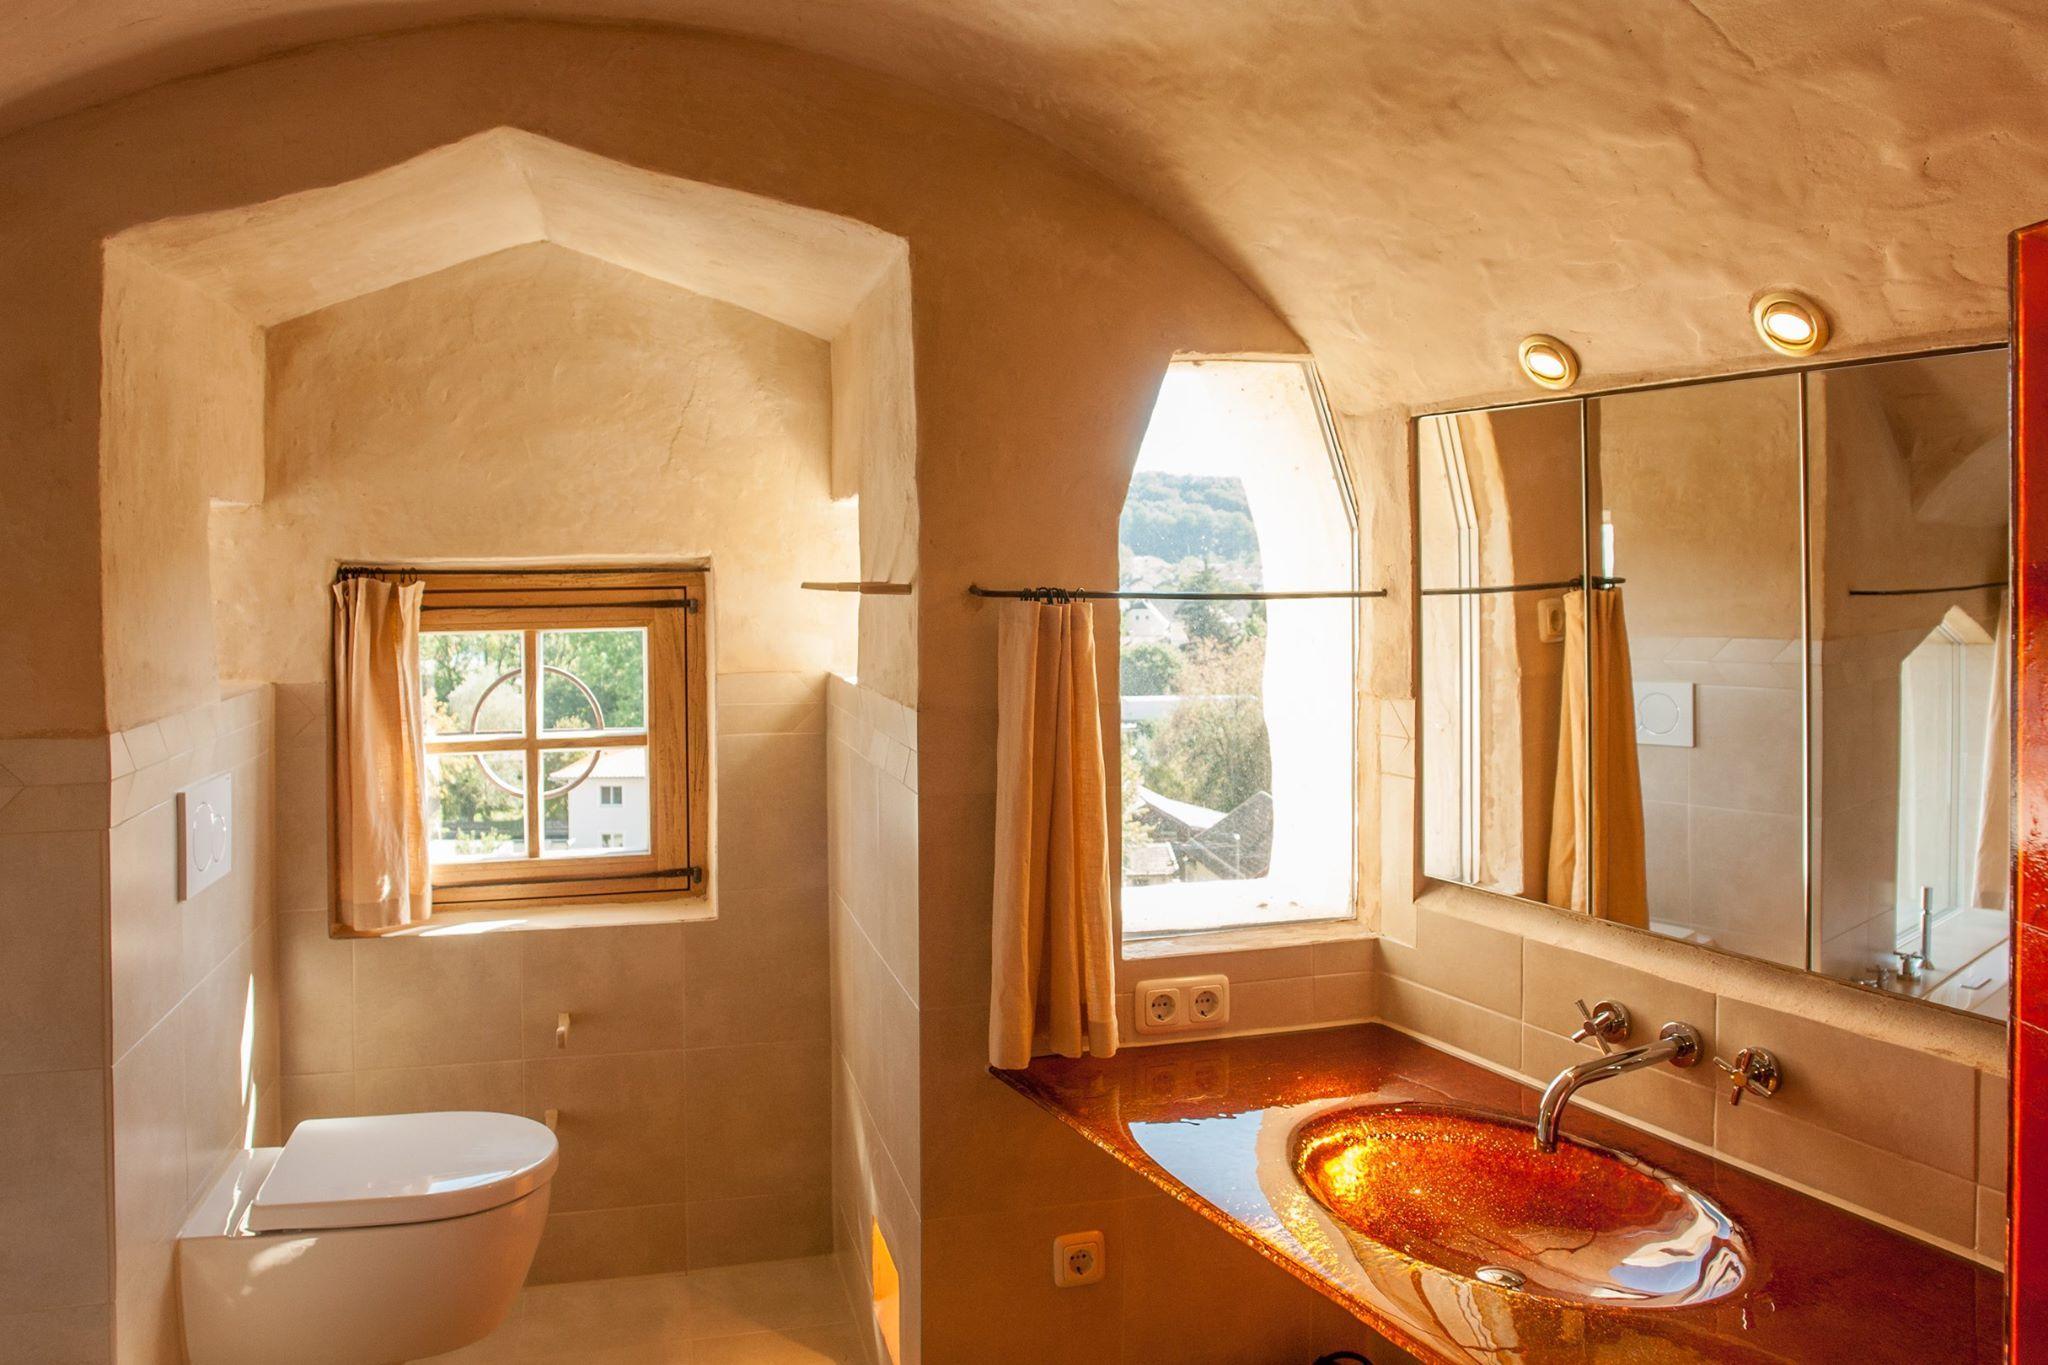 Luxurioses Badezimmer Mit Waschtisch Und Dusche Aus Rotem Glas Grosser Regendusche Und Whirlwanne Turm Schloss Regendusche